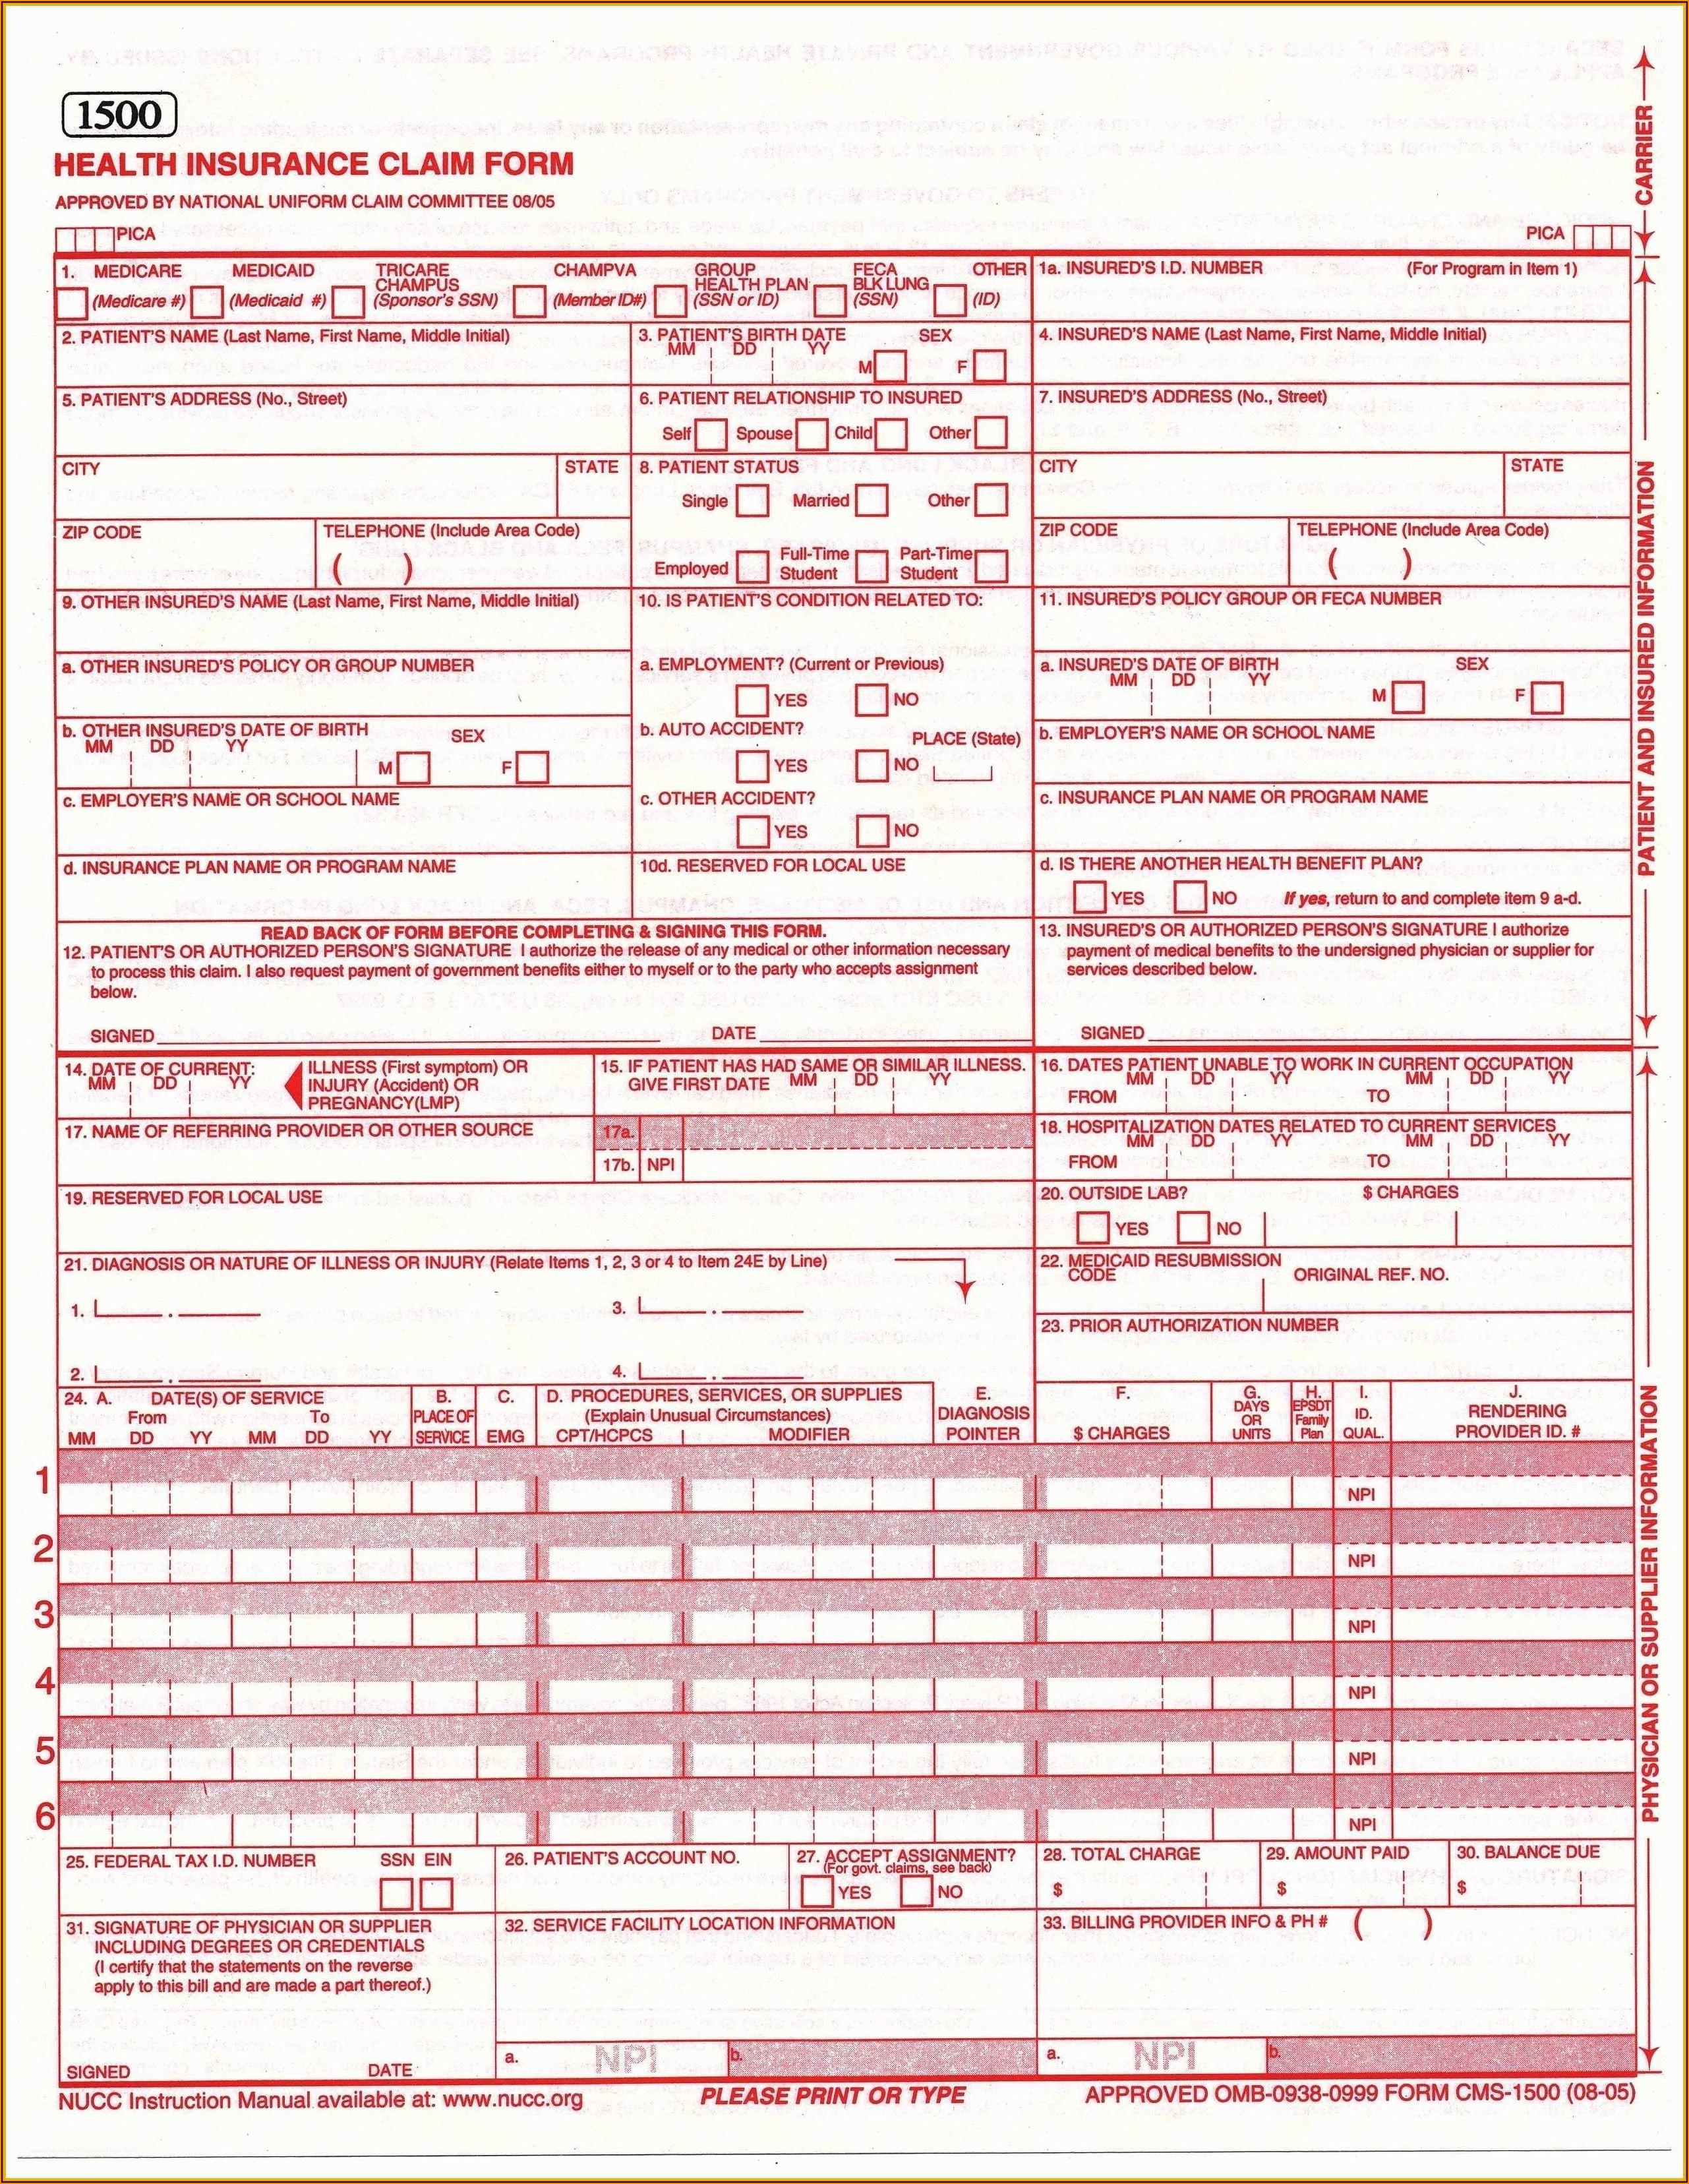 Blank Hcfa Form Pdf